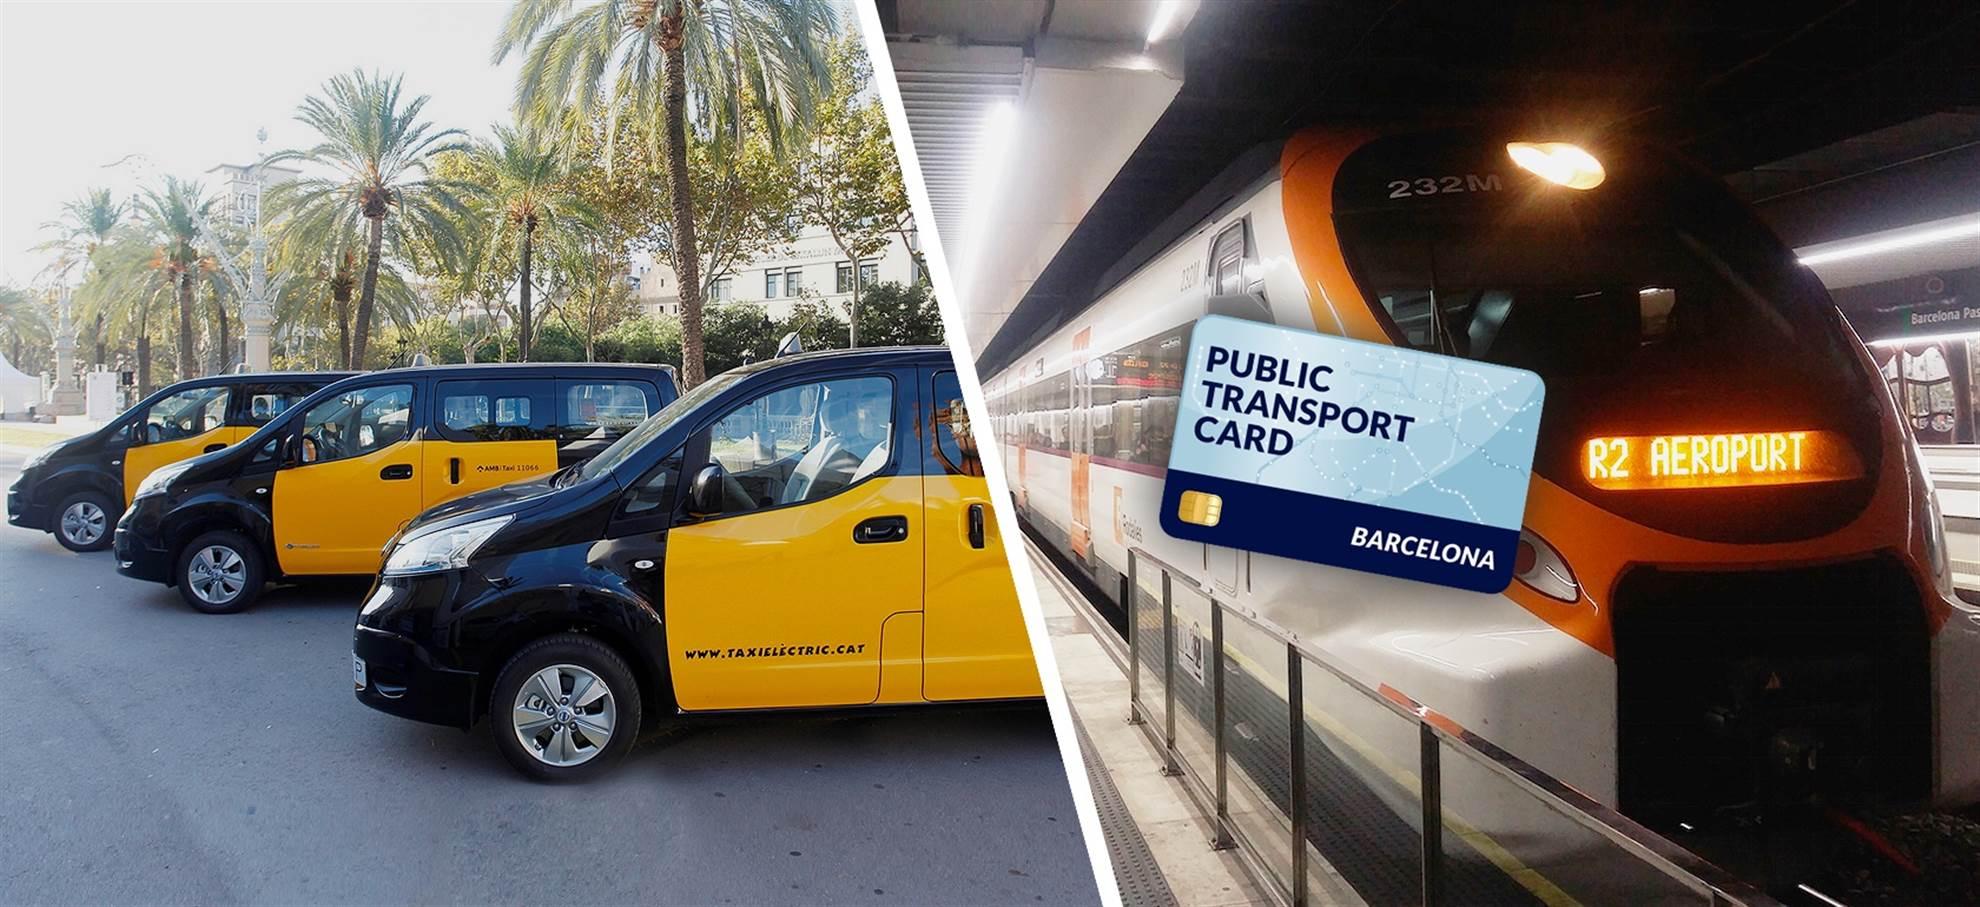 Carta dei Trasporti Pubblici di Barcellona (+ Trasferimento Aeroportuale Privato)